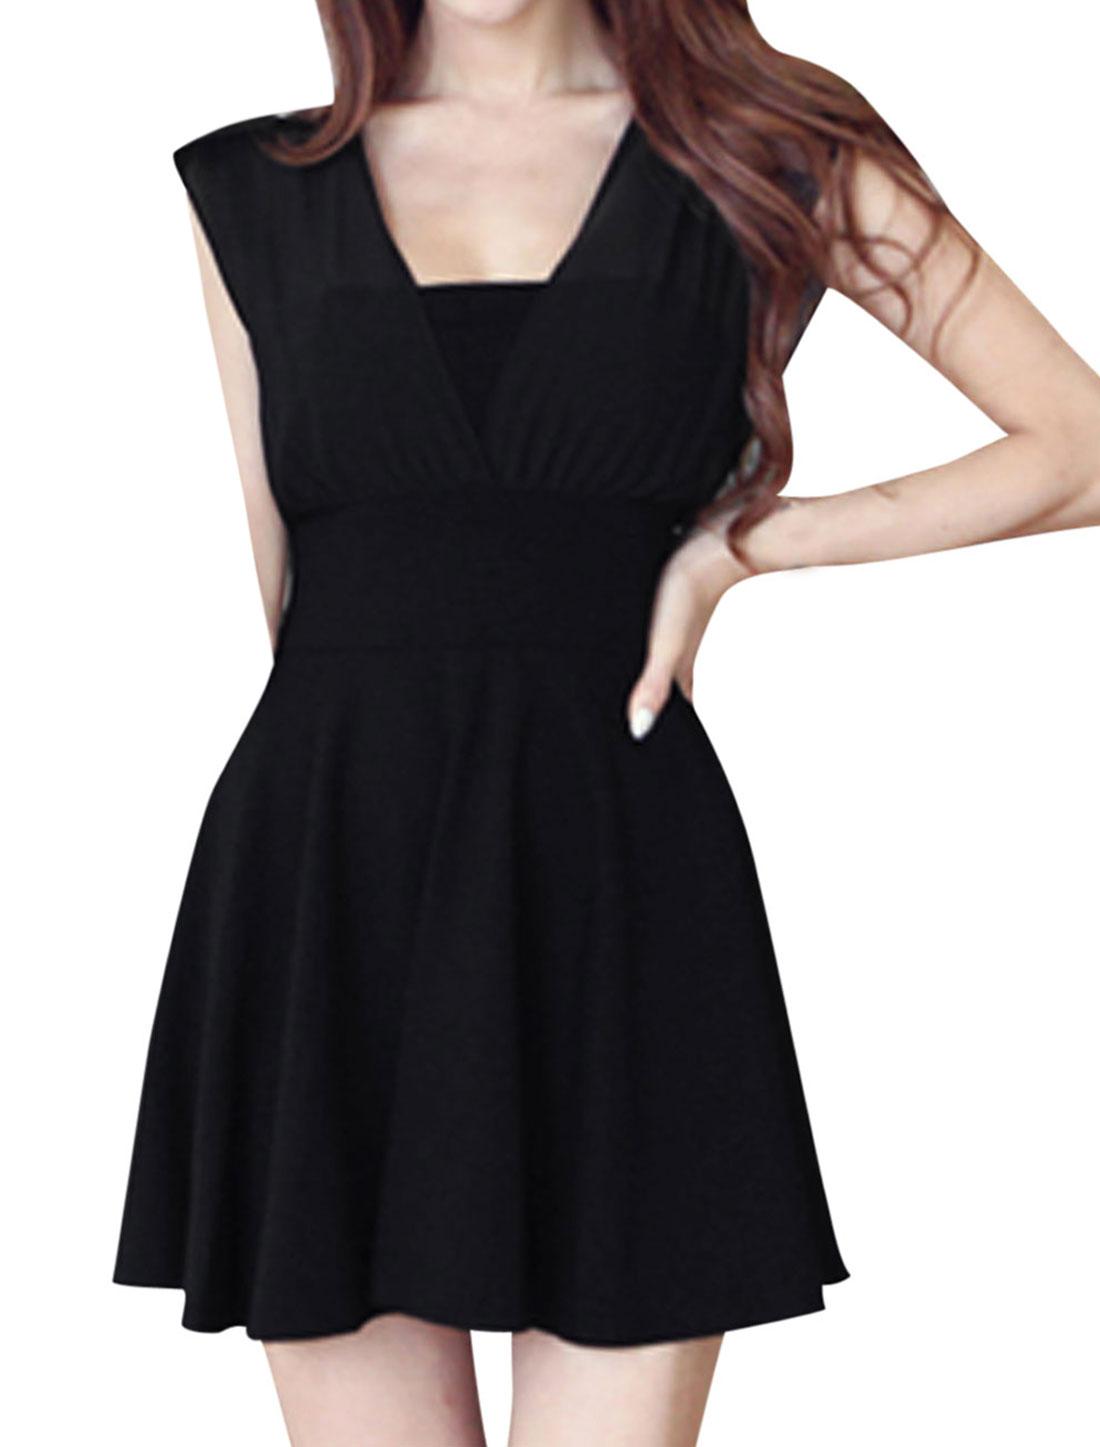 Lady Deep V Neck Front w Back Chiffon Panel Tie Strap Back Short Dress Black XS